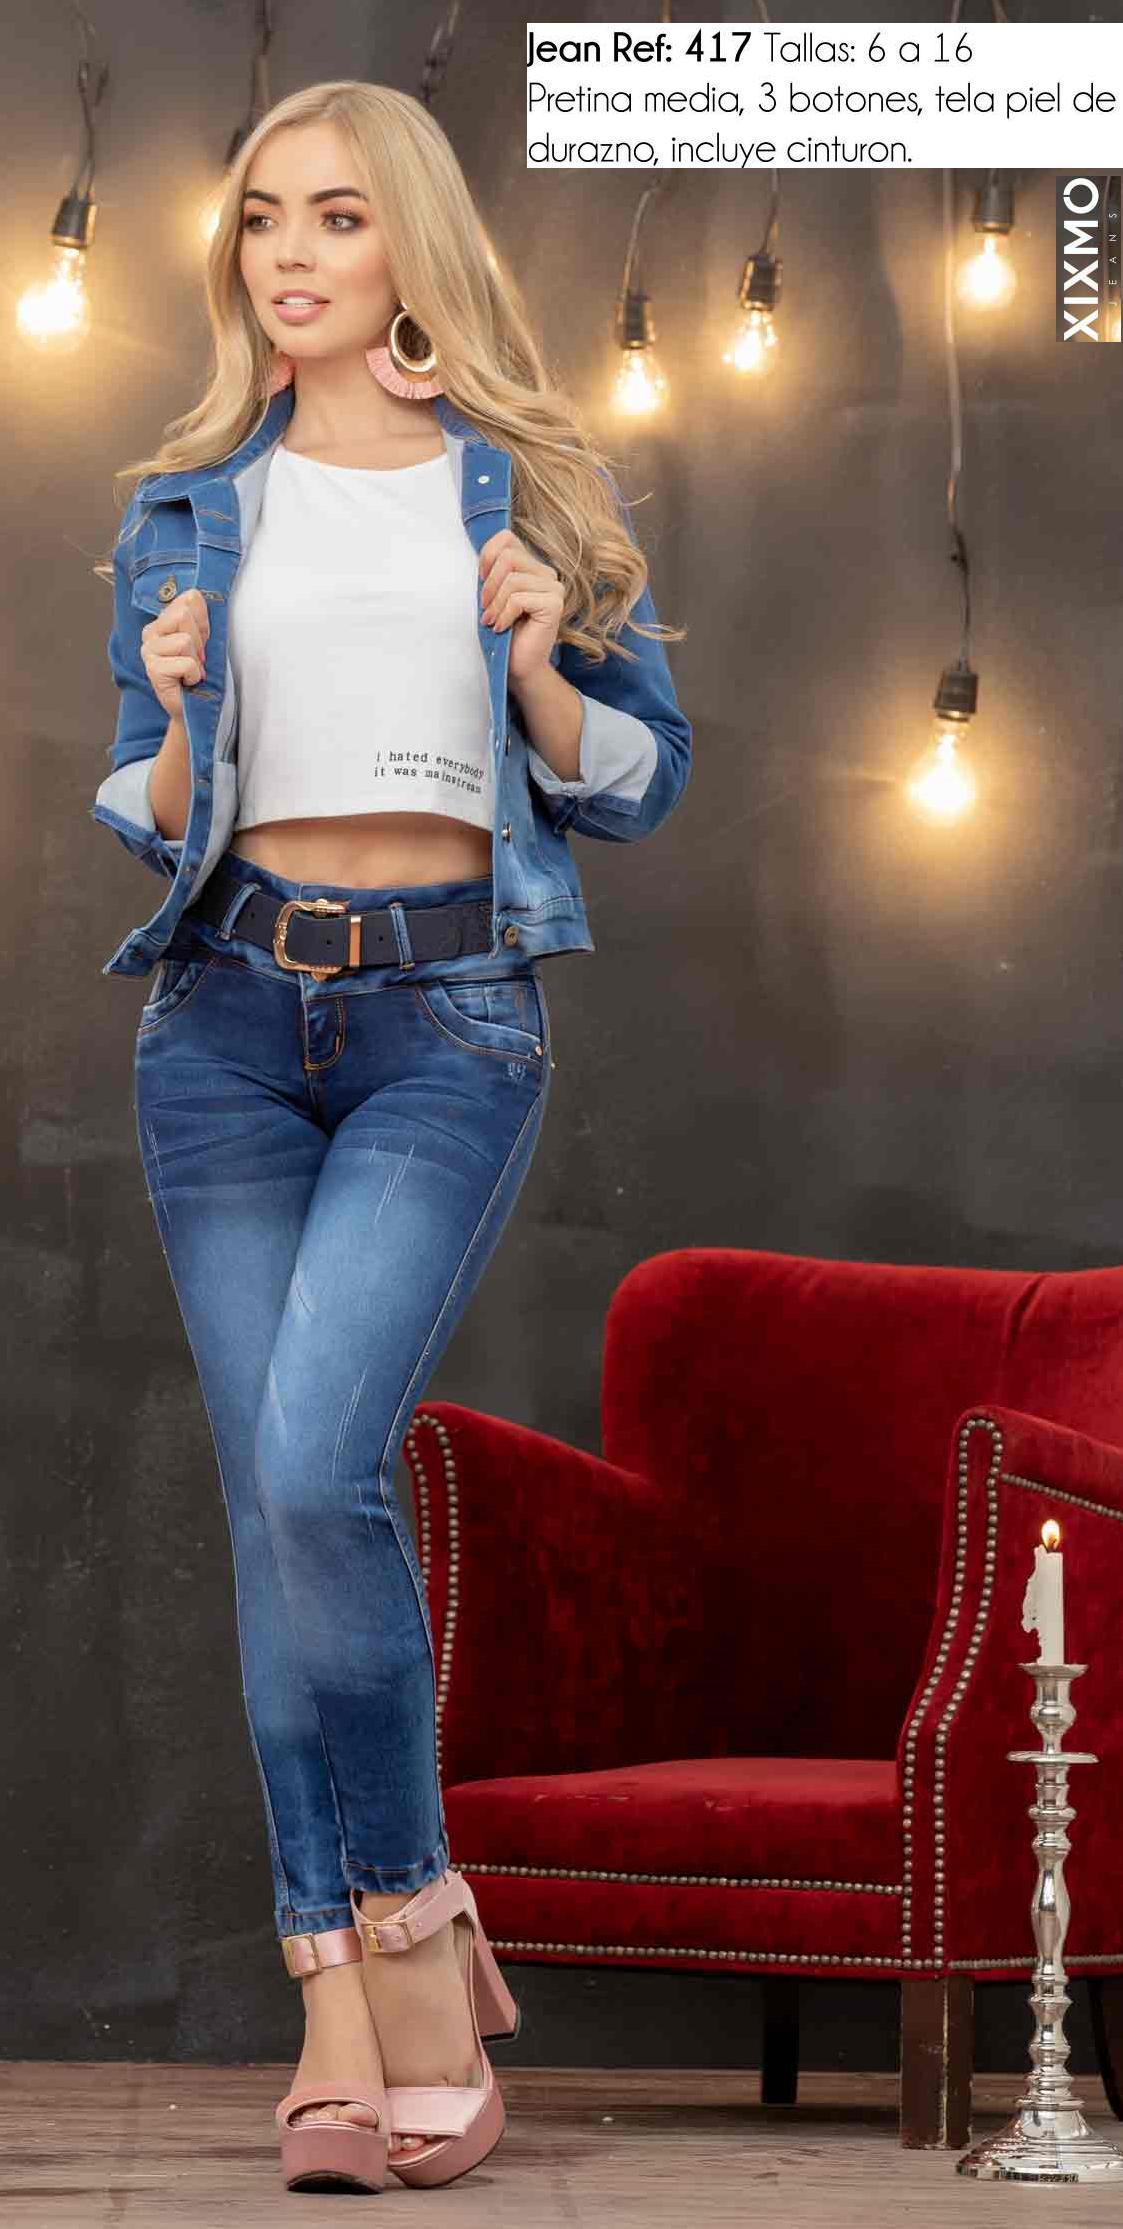 Jean de Moda hecho en Colombia Levanta cola